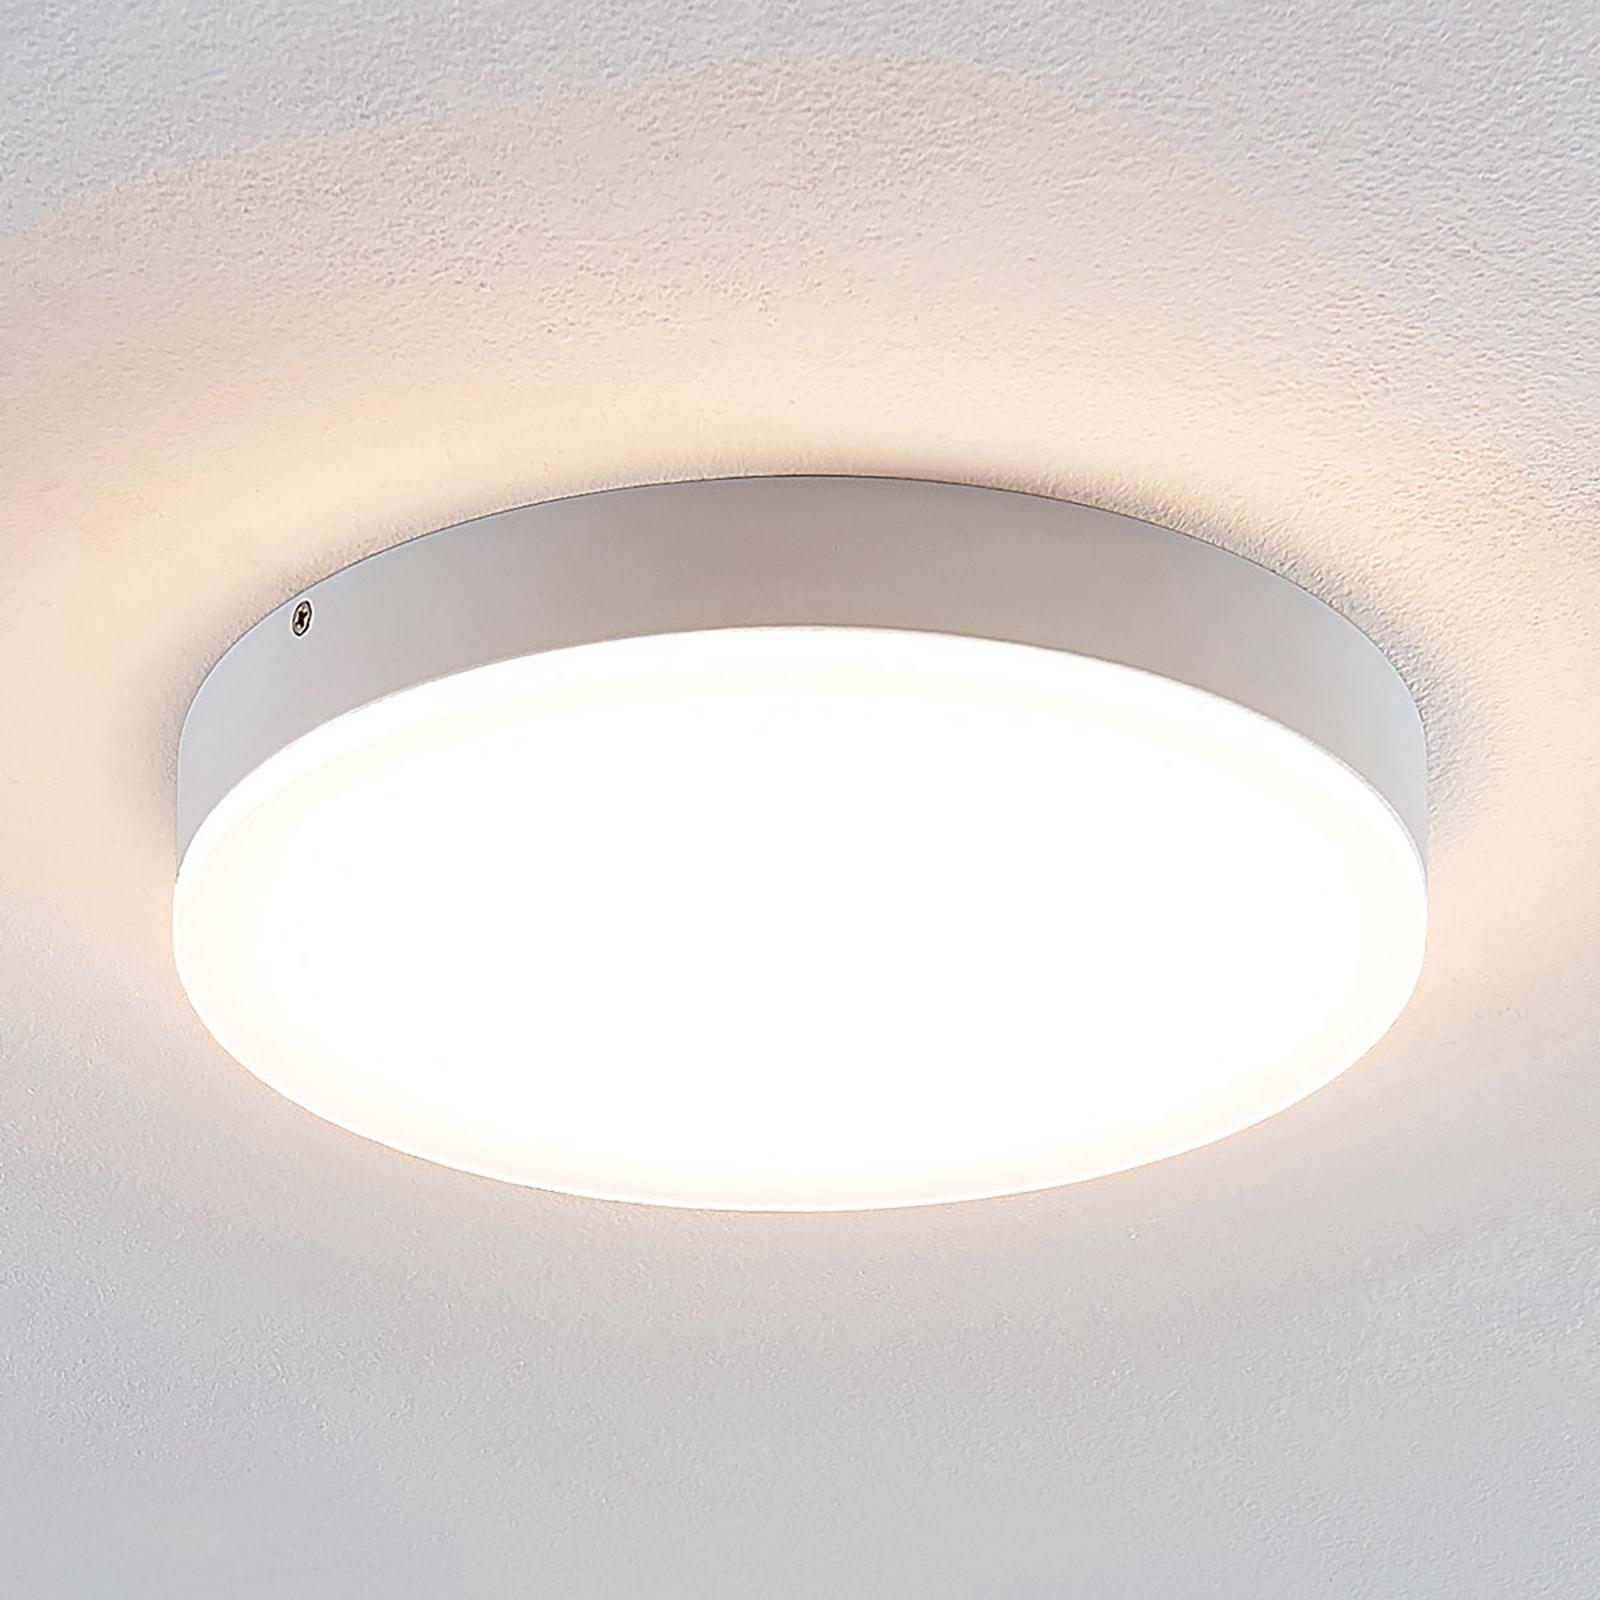 Lindby Leonta LED plafondlamp, wit, Ø 25 cm